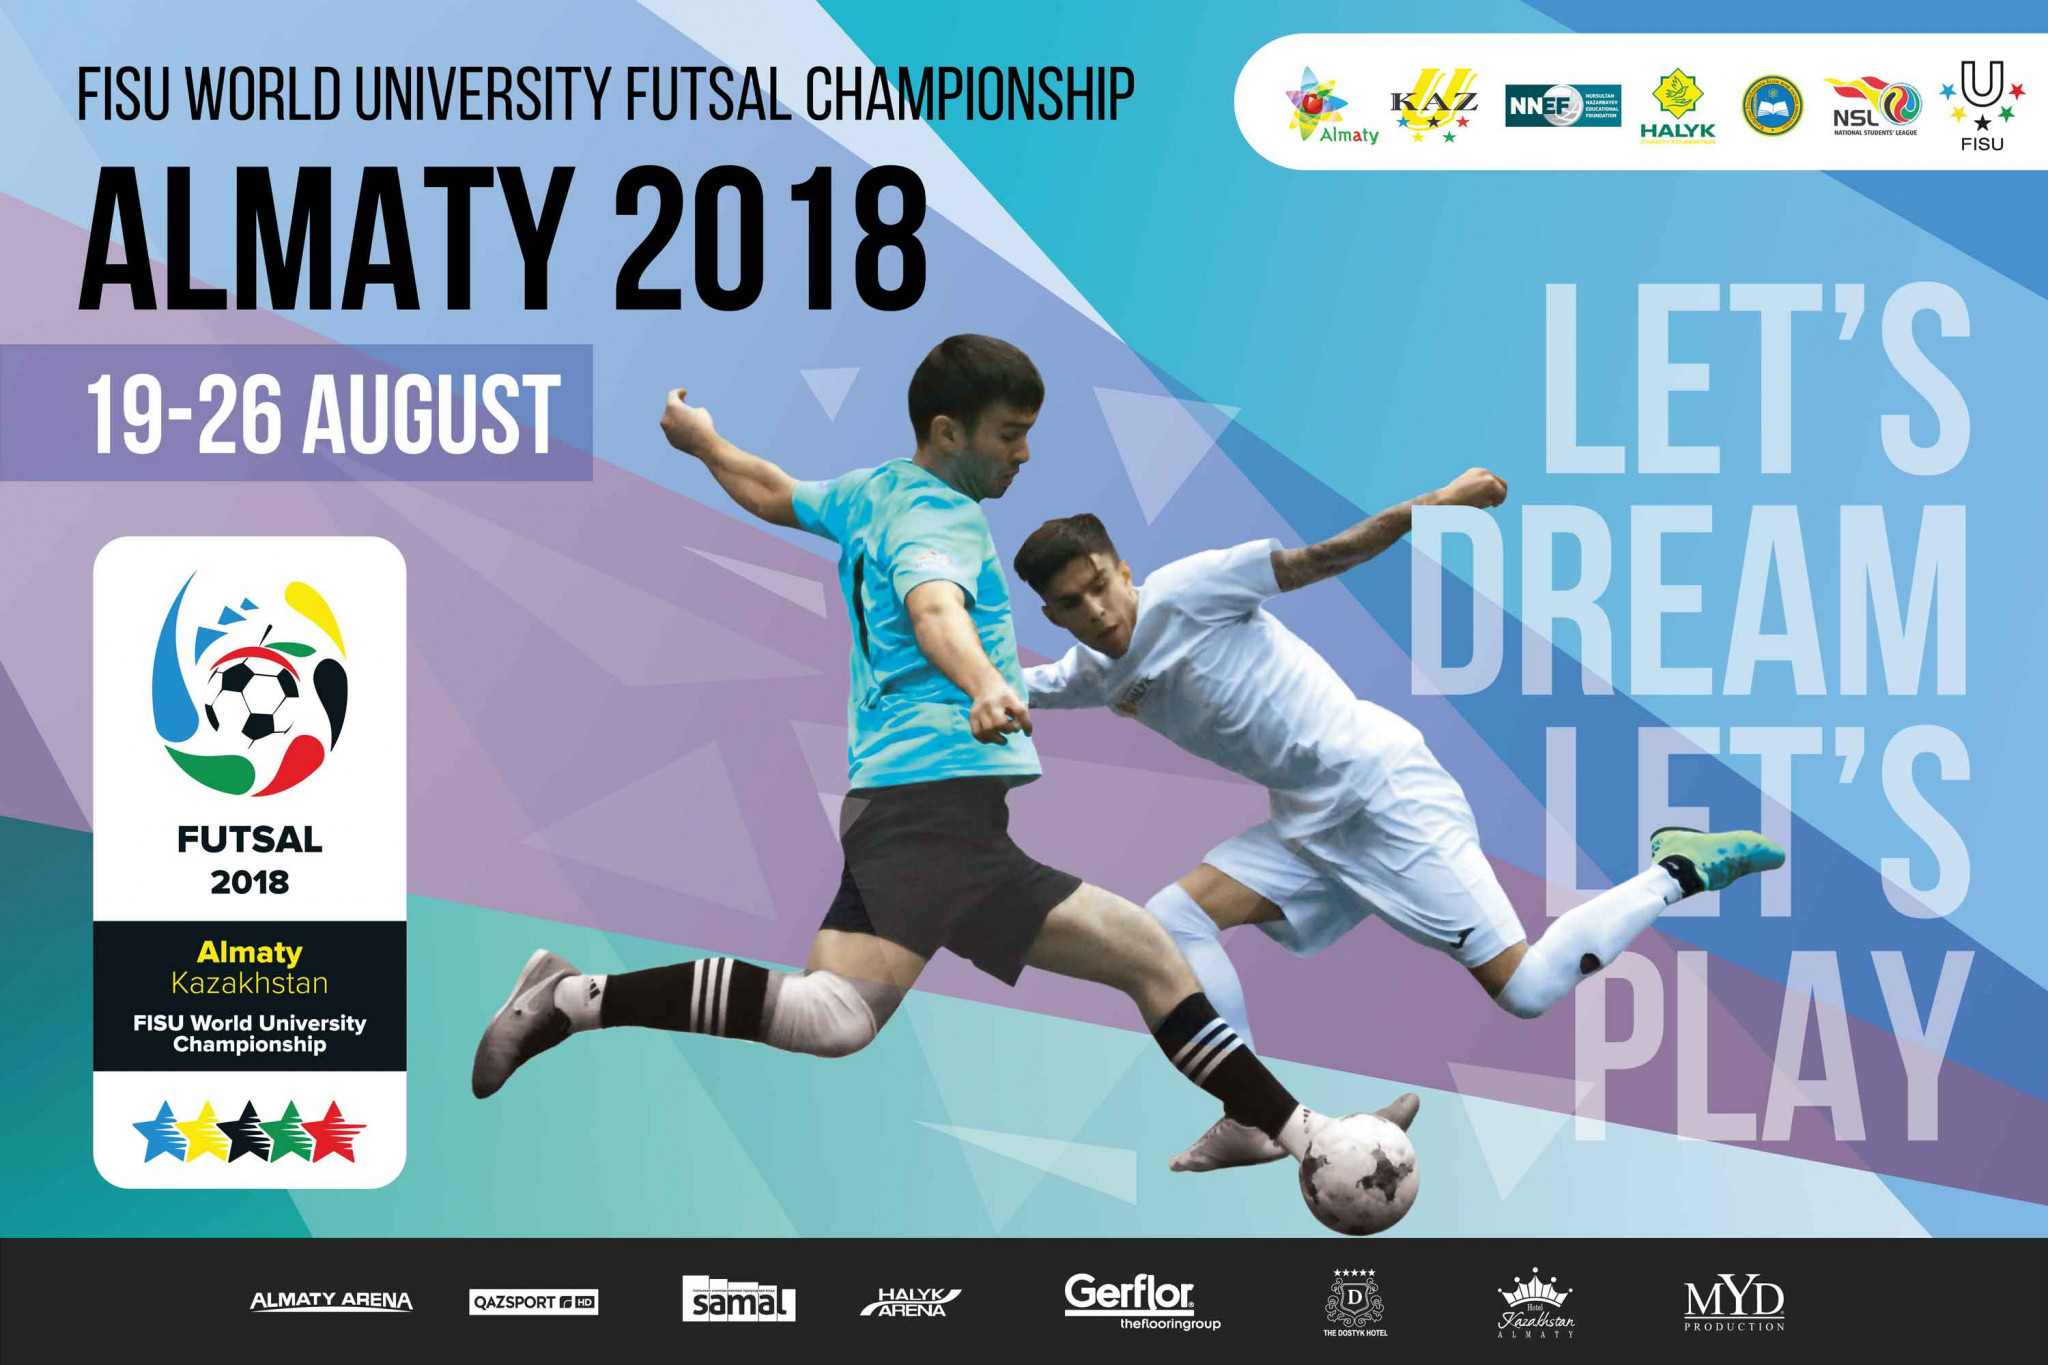 Almaty to host FISU World University Futsal Championships